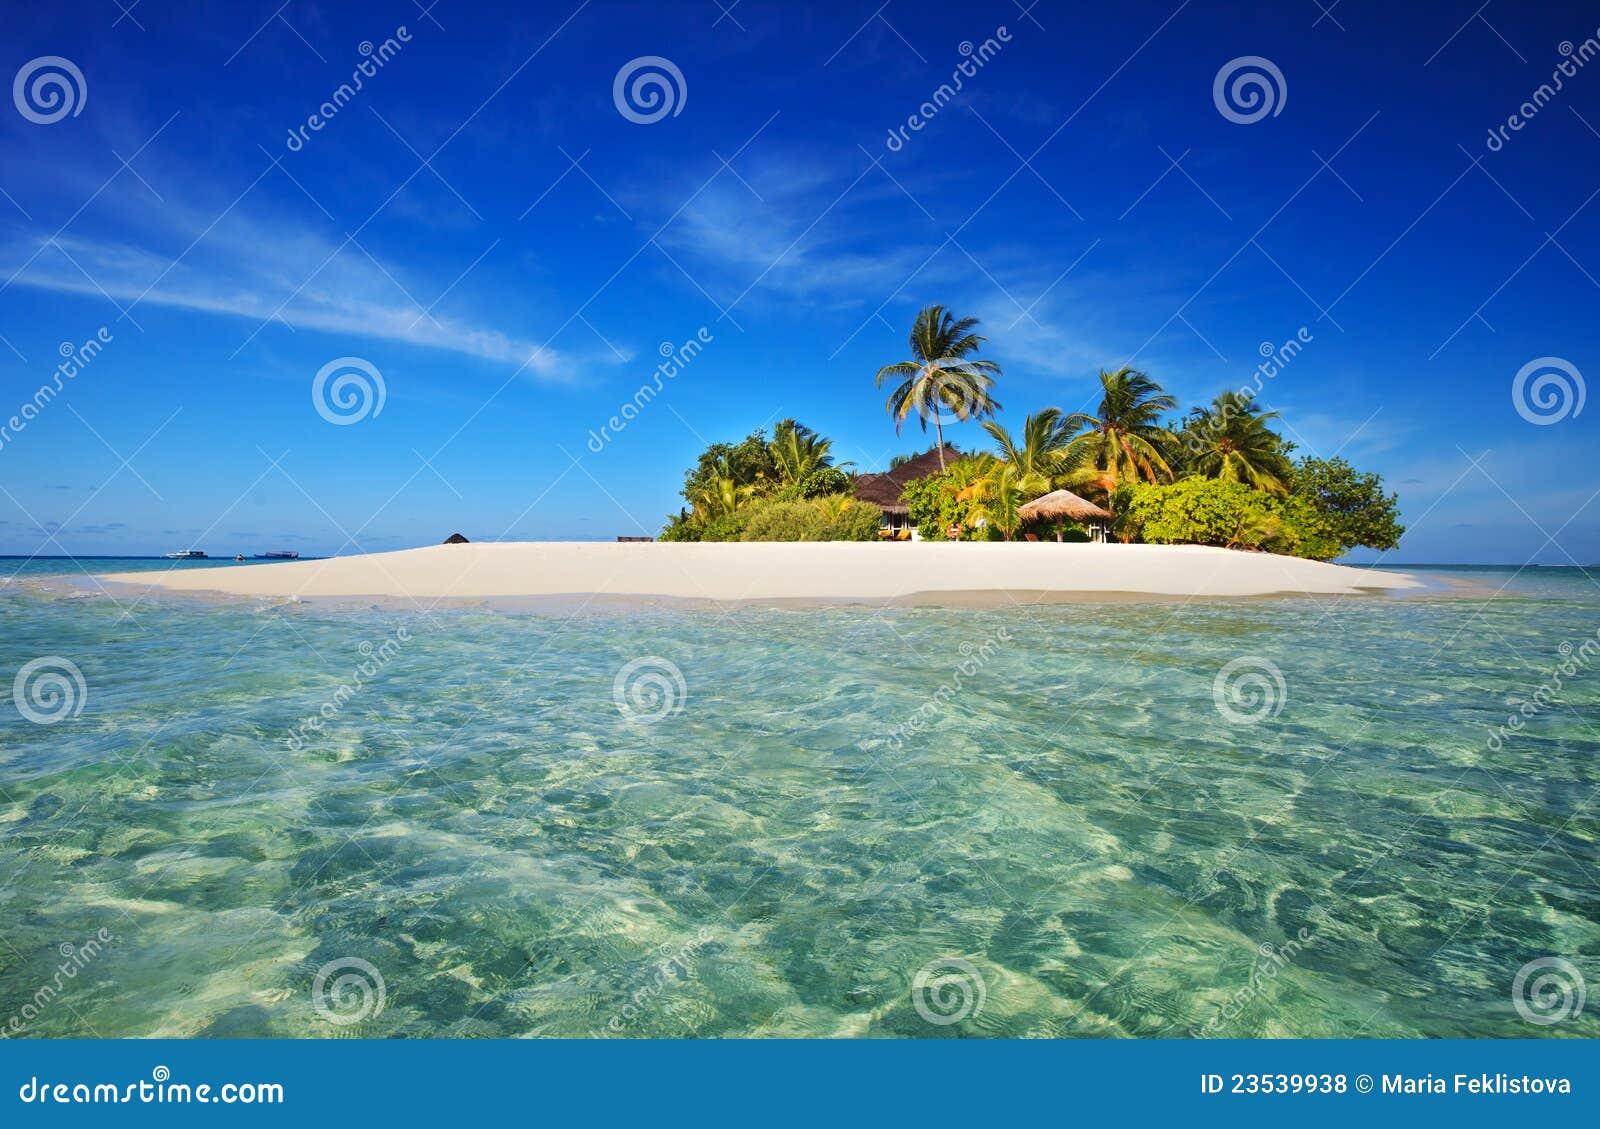 Tropical Island Paradise: Tropical Island Paradise Stock Photo. Image Of Escape